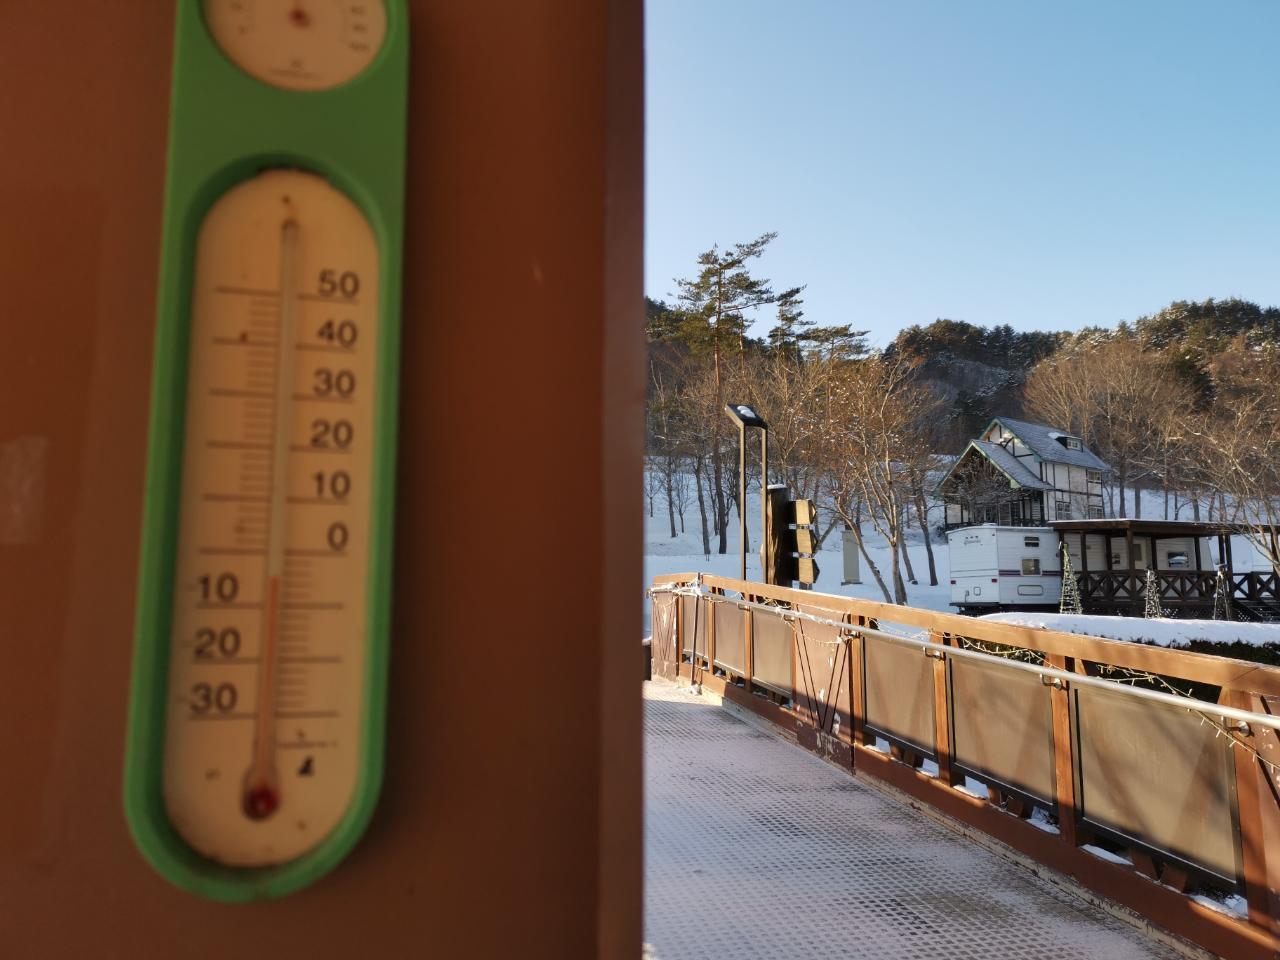 cold day_b0219993_17210362.jpg